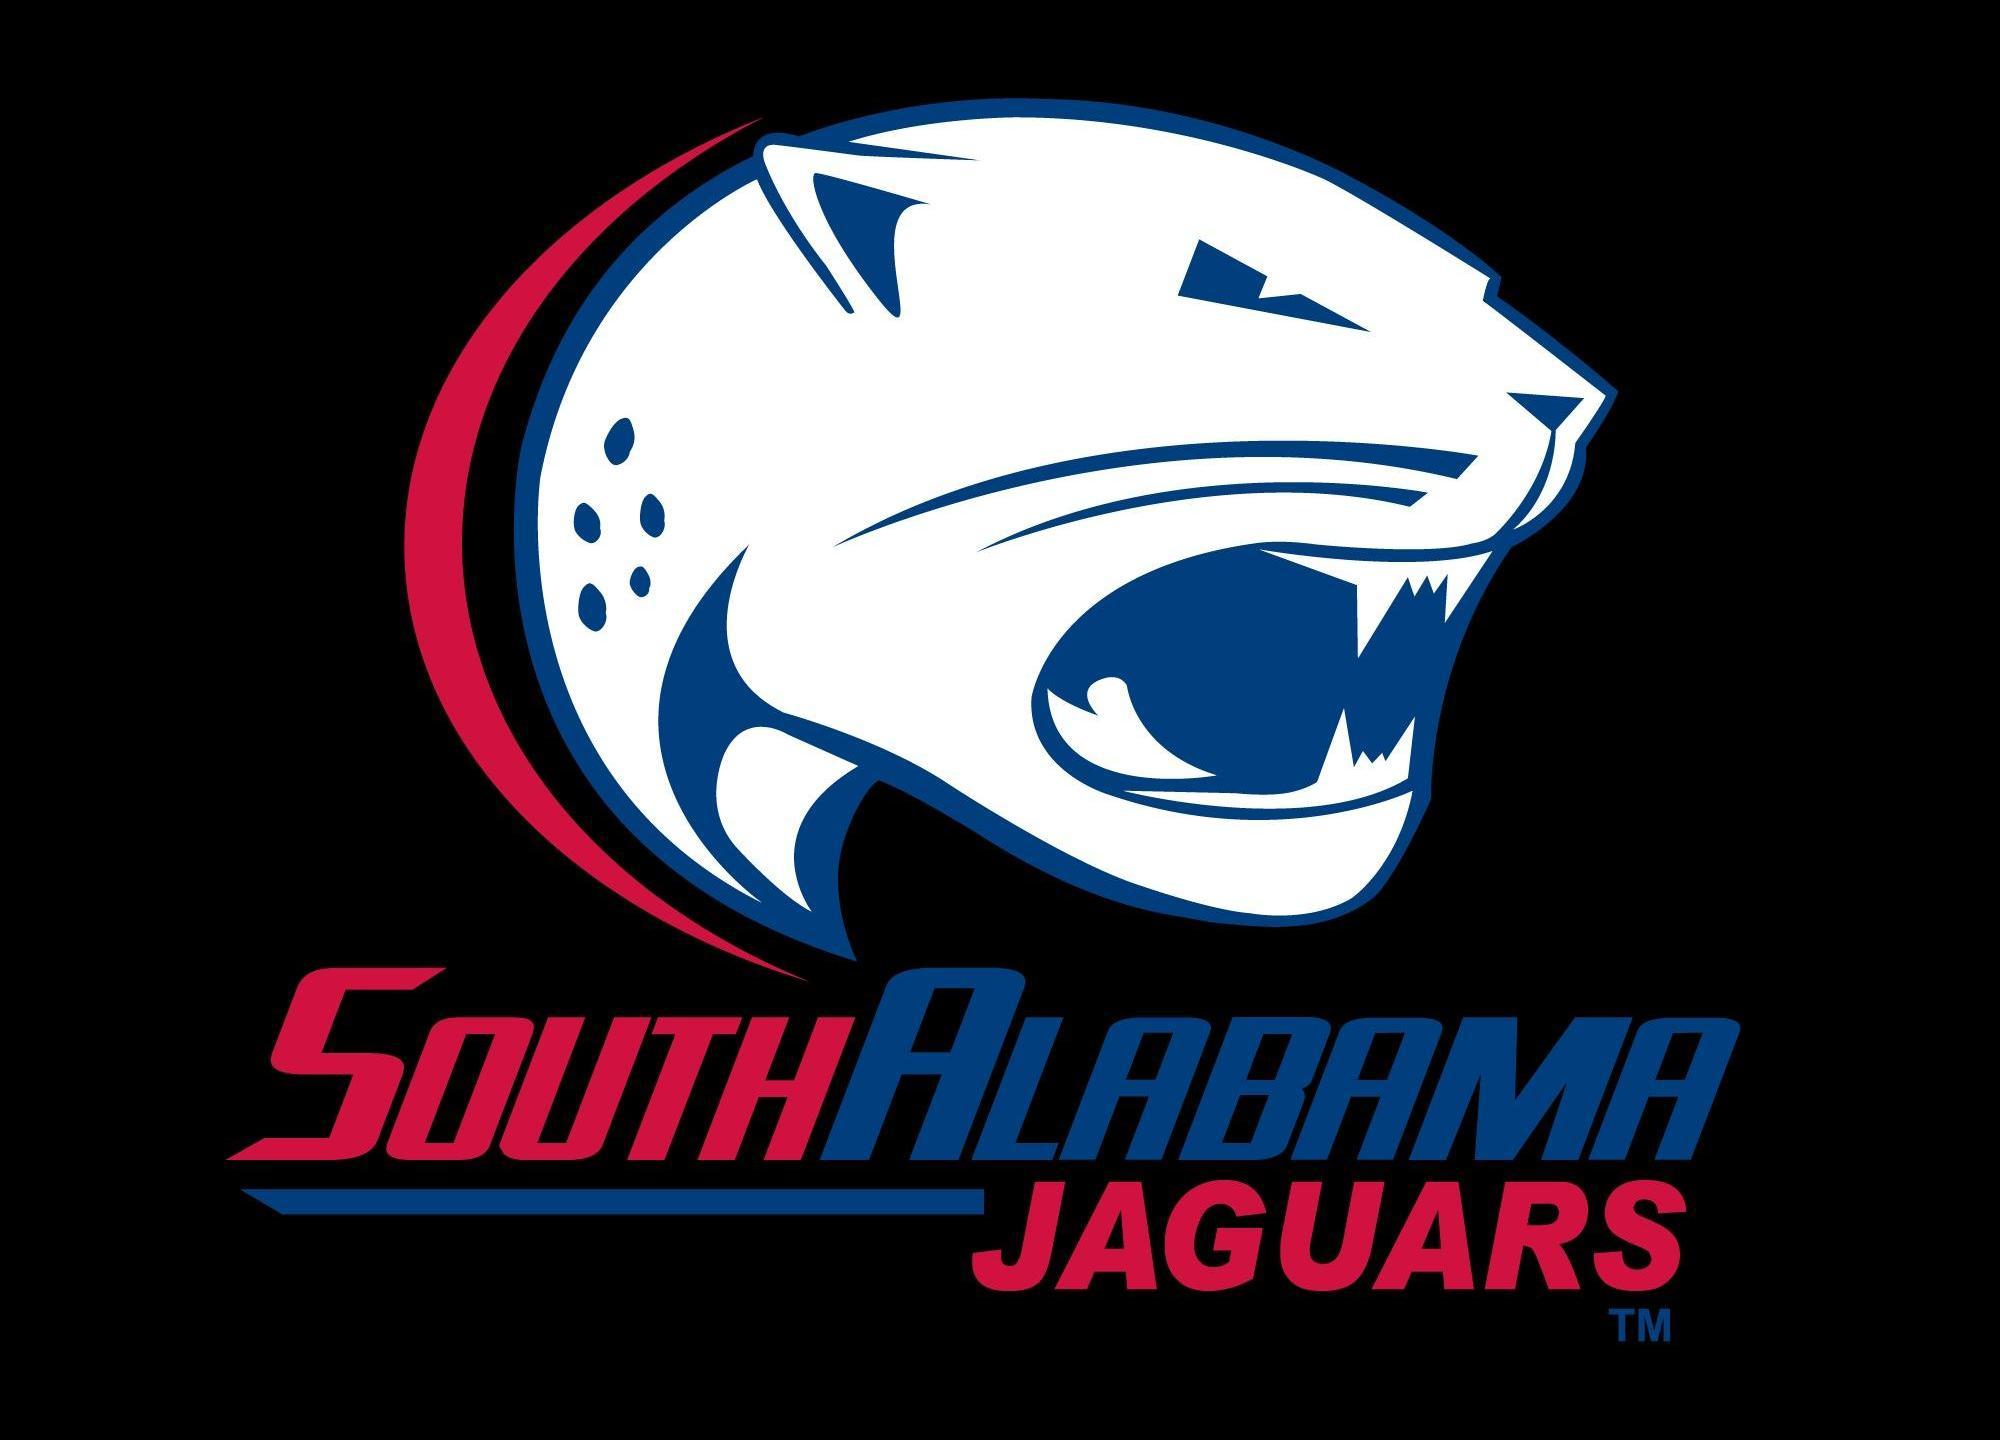 South Alabama Jags_416231